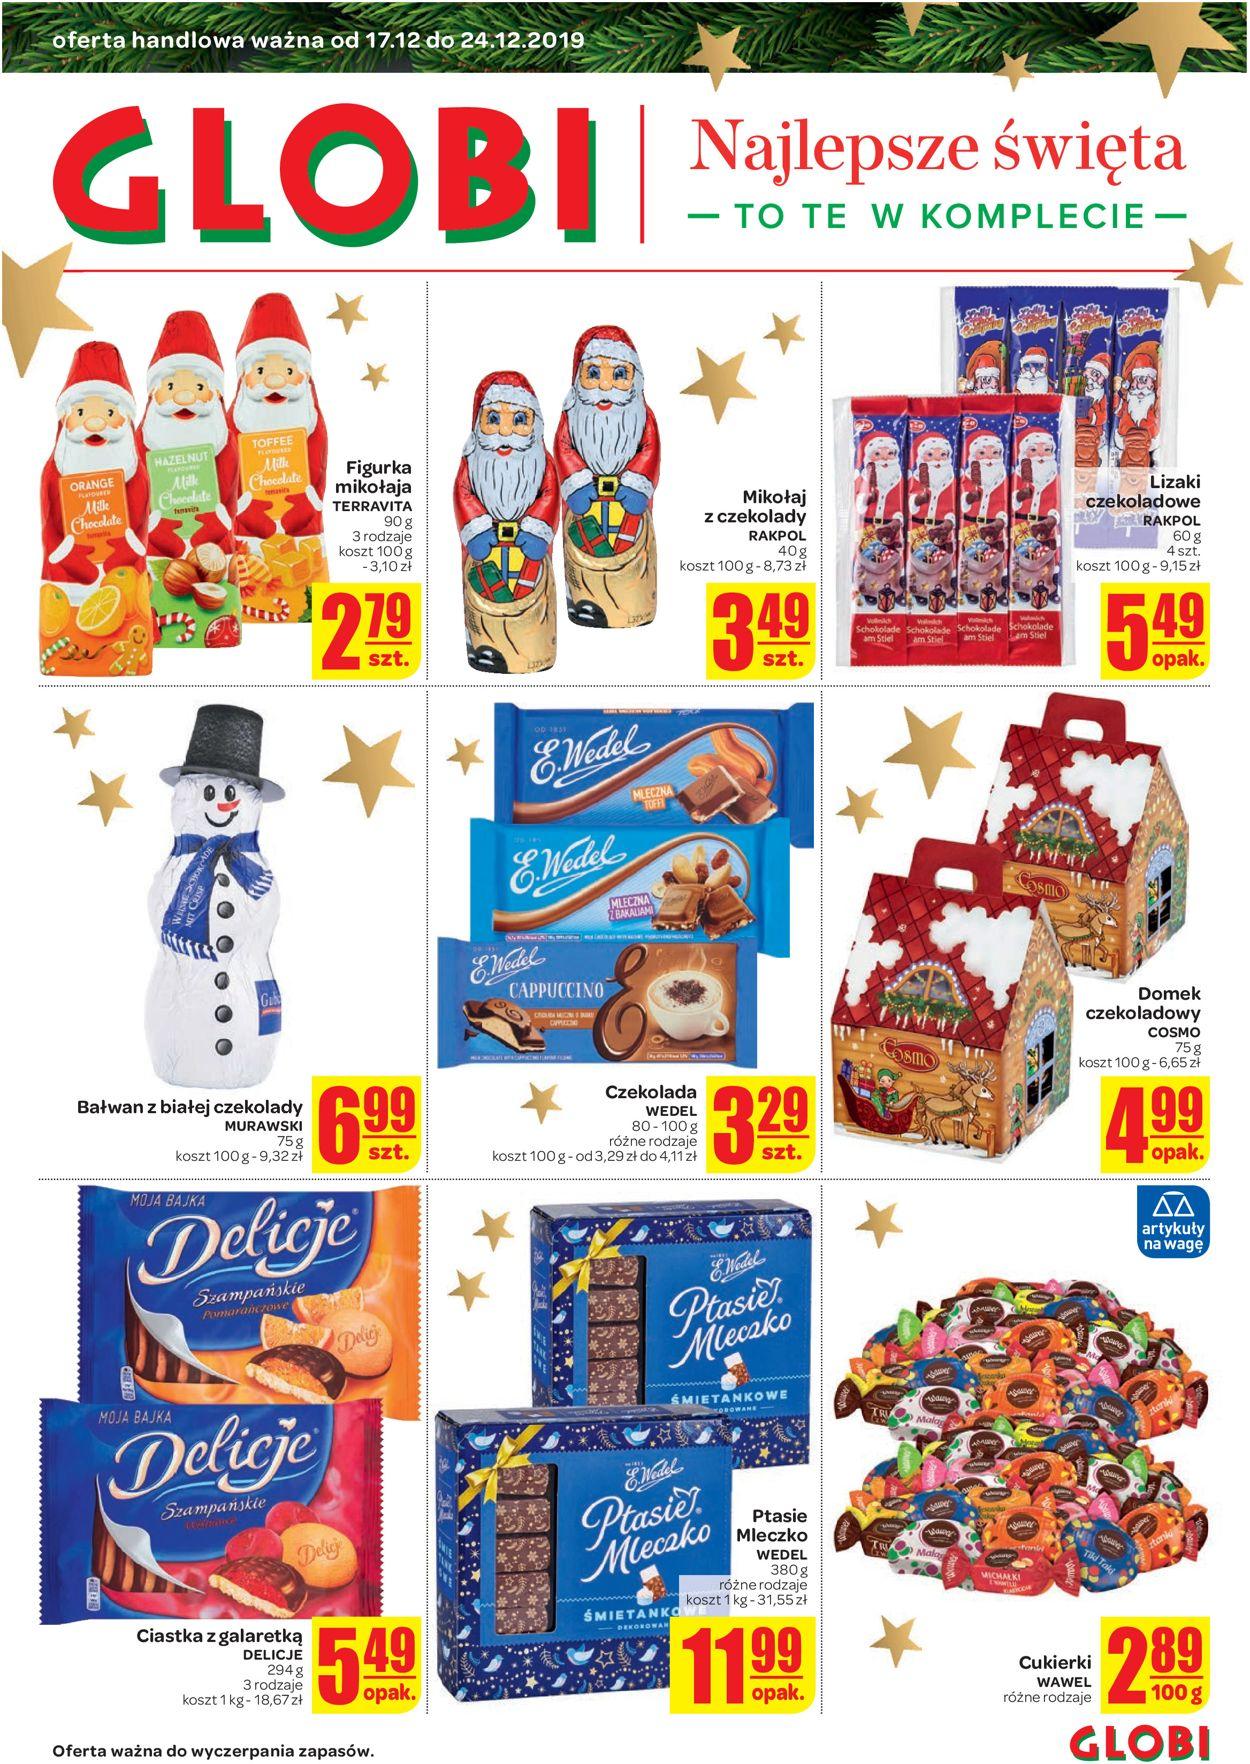 Gazetka promocyjna Carrefour - Gazetka Świąteczna 2019 - 17.12-24.12.2019